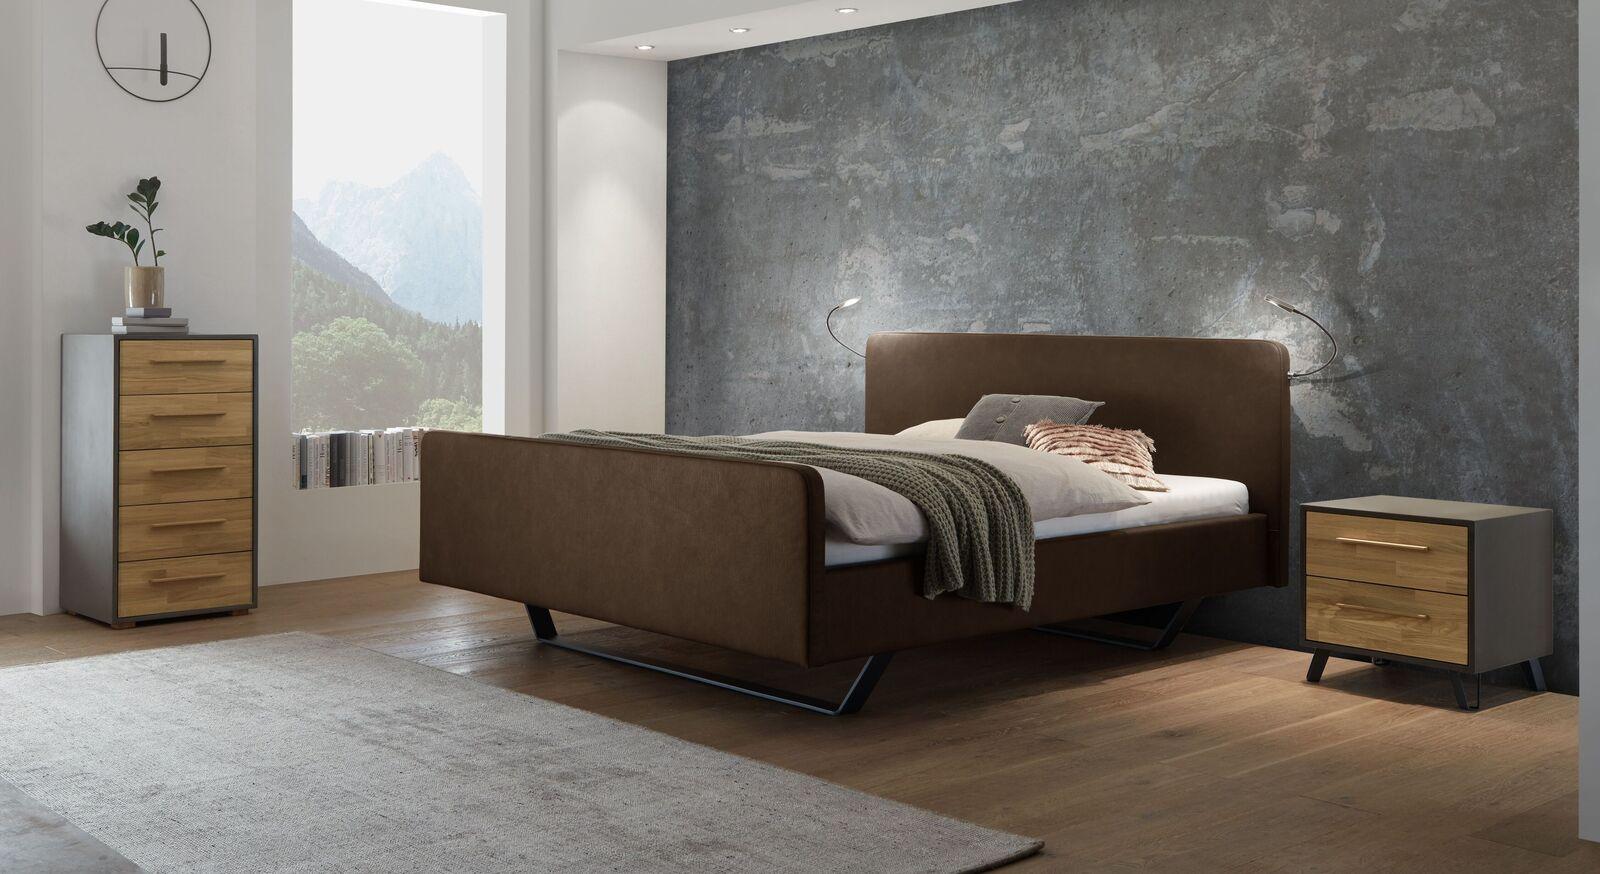 Bett Kismet mit passenden Schlafzimmermöbeln